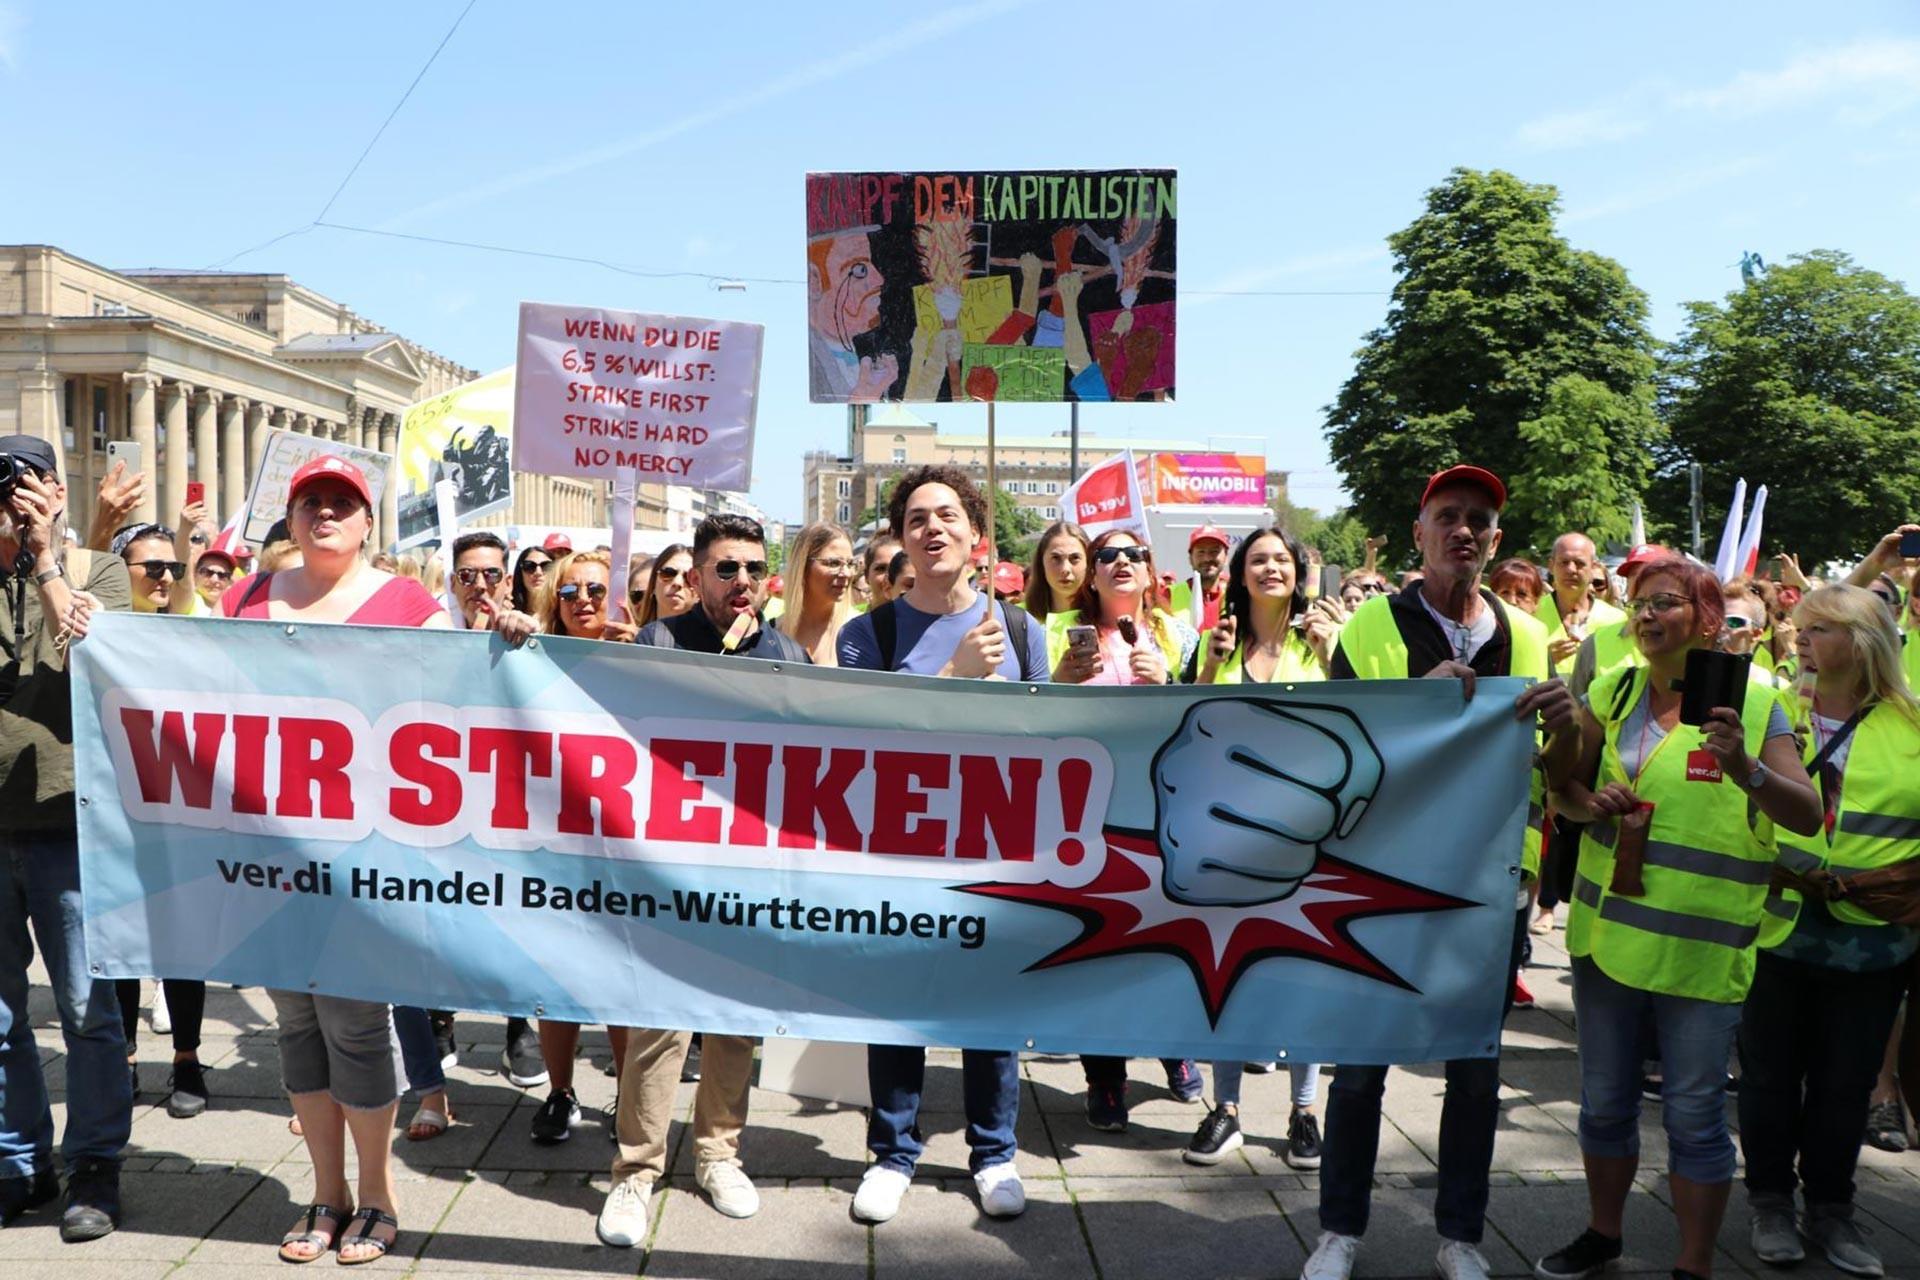 Almanya'da perakende sektörü işçilerinin uyarı grevleri büyüyerek sürüyor